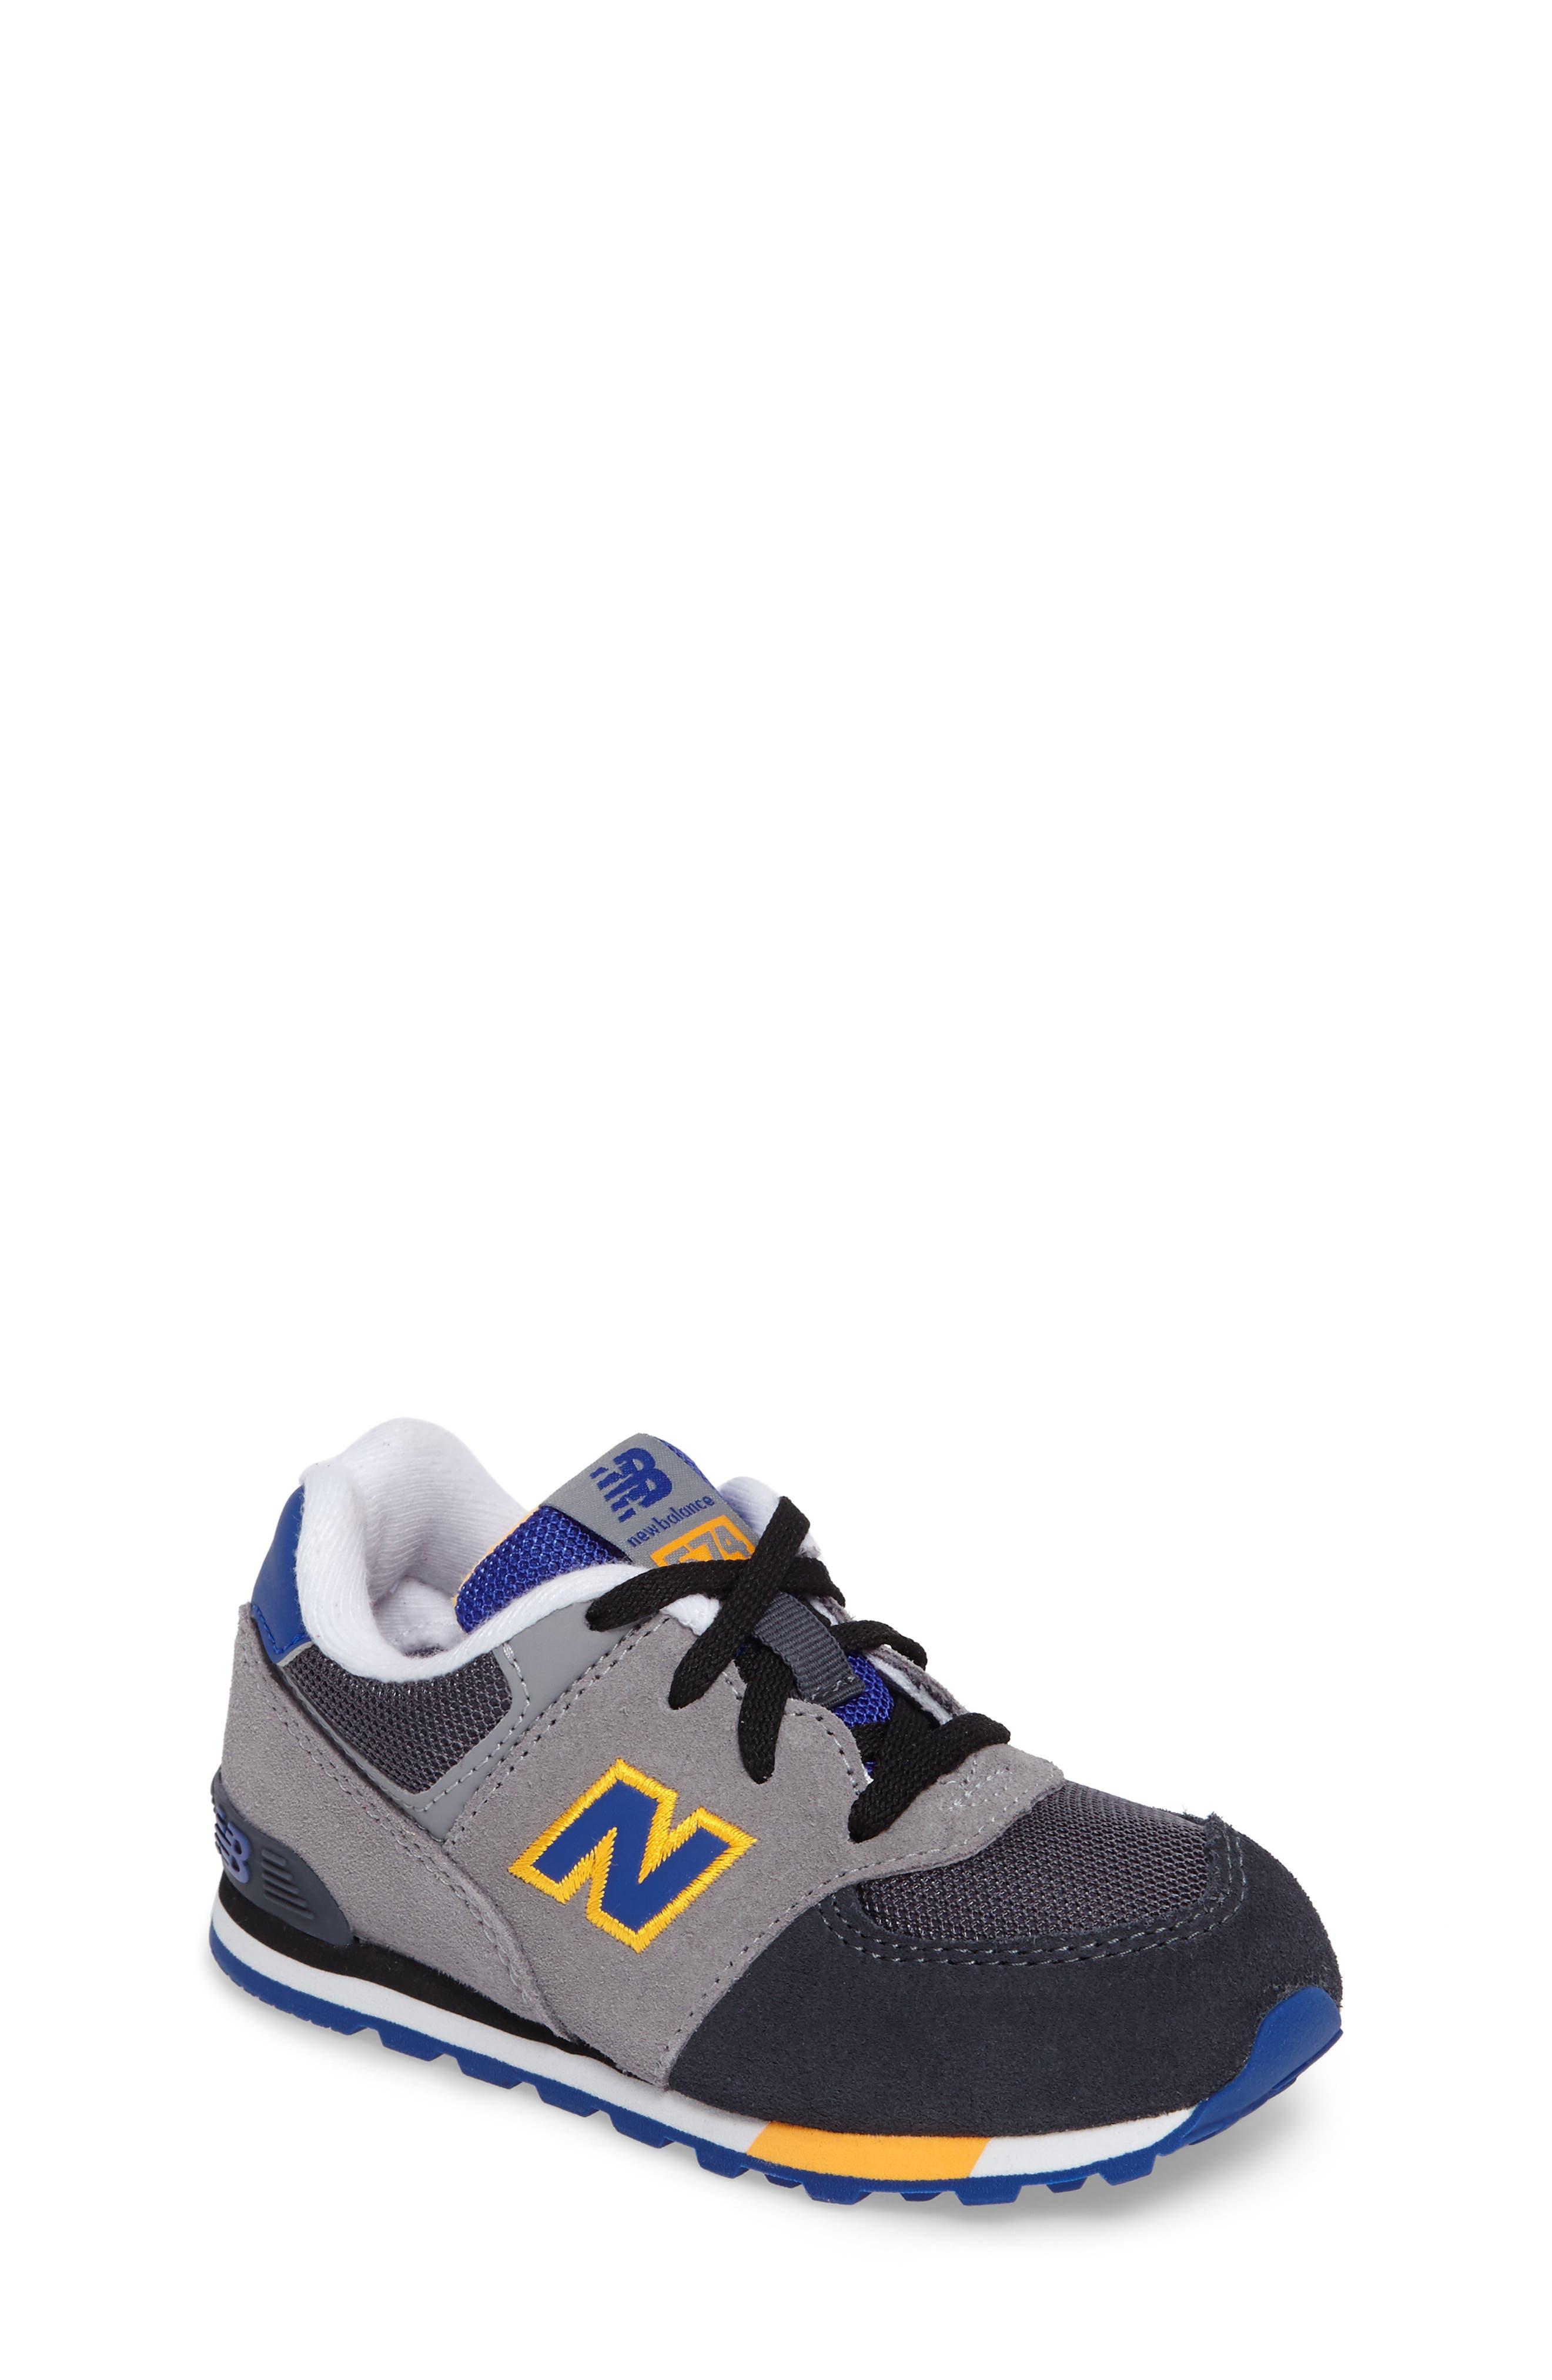 574 Cut & Paste Sneaker,                             Main thumbnail 1, color,                             Grey/ Blue